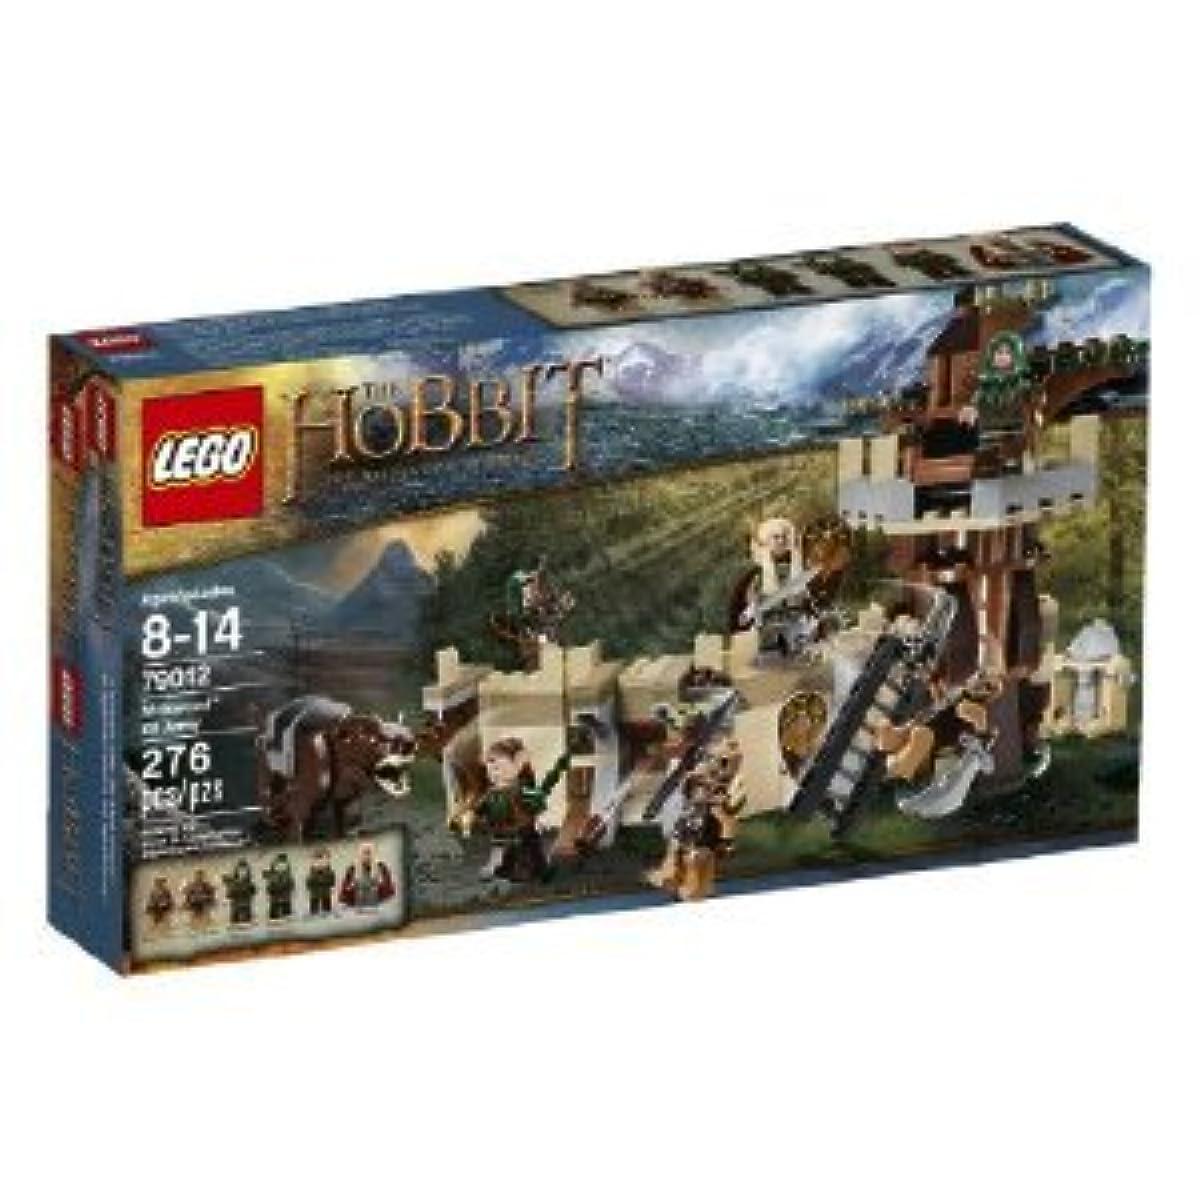 [해외] LEGO (레고) LORD OF THE RINGS (로드 오브 더 링) 79012 MIRKWOOD ELF ARMY BUILDING KIT 블럭 장난감 (병행수입)